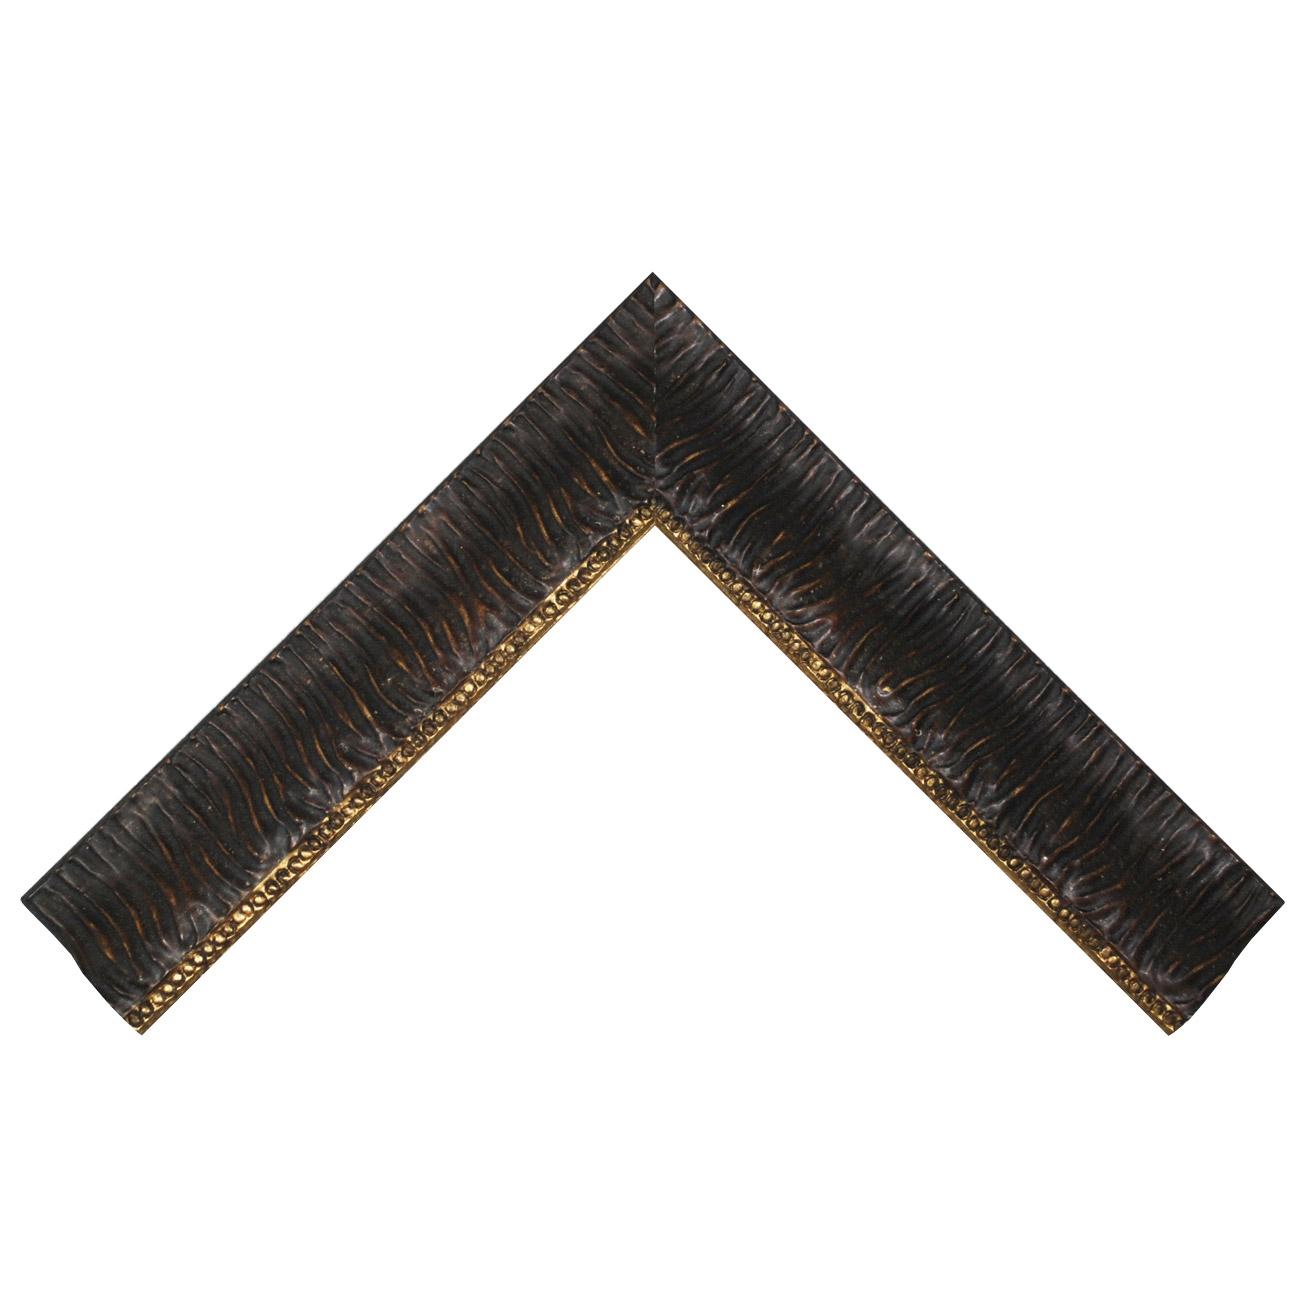 Baguette bois profil inversé largeur 7cm couleur chocolat ancien décor plissé filet or boule